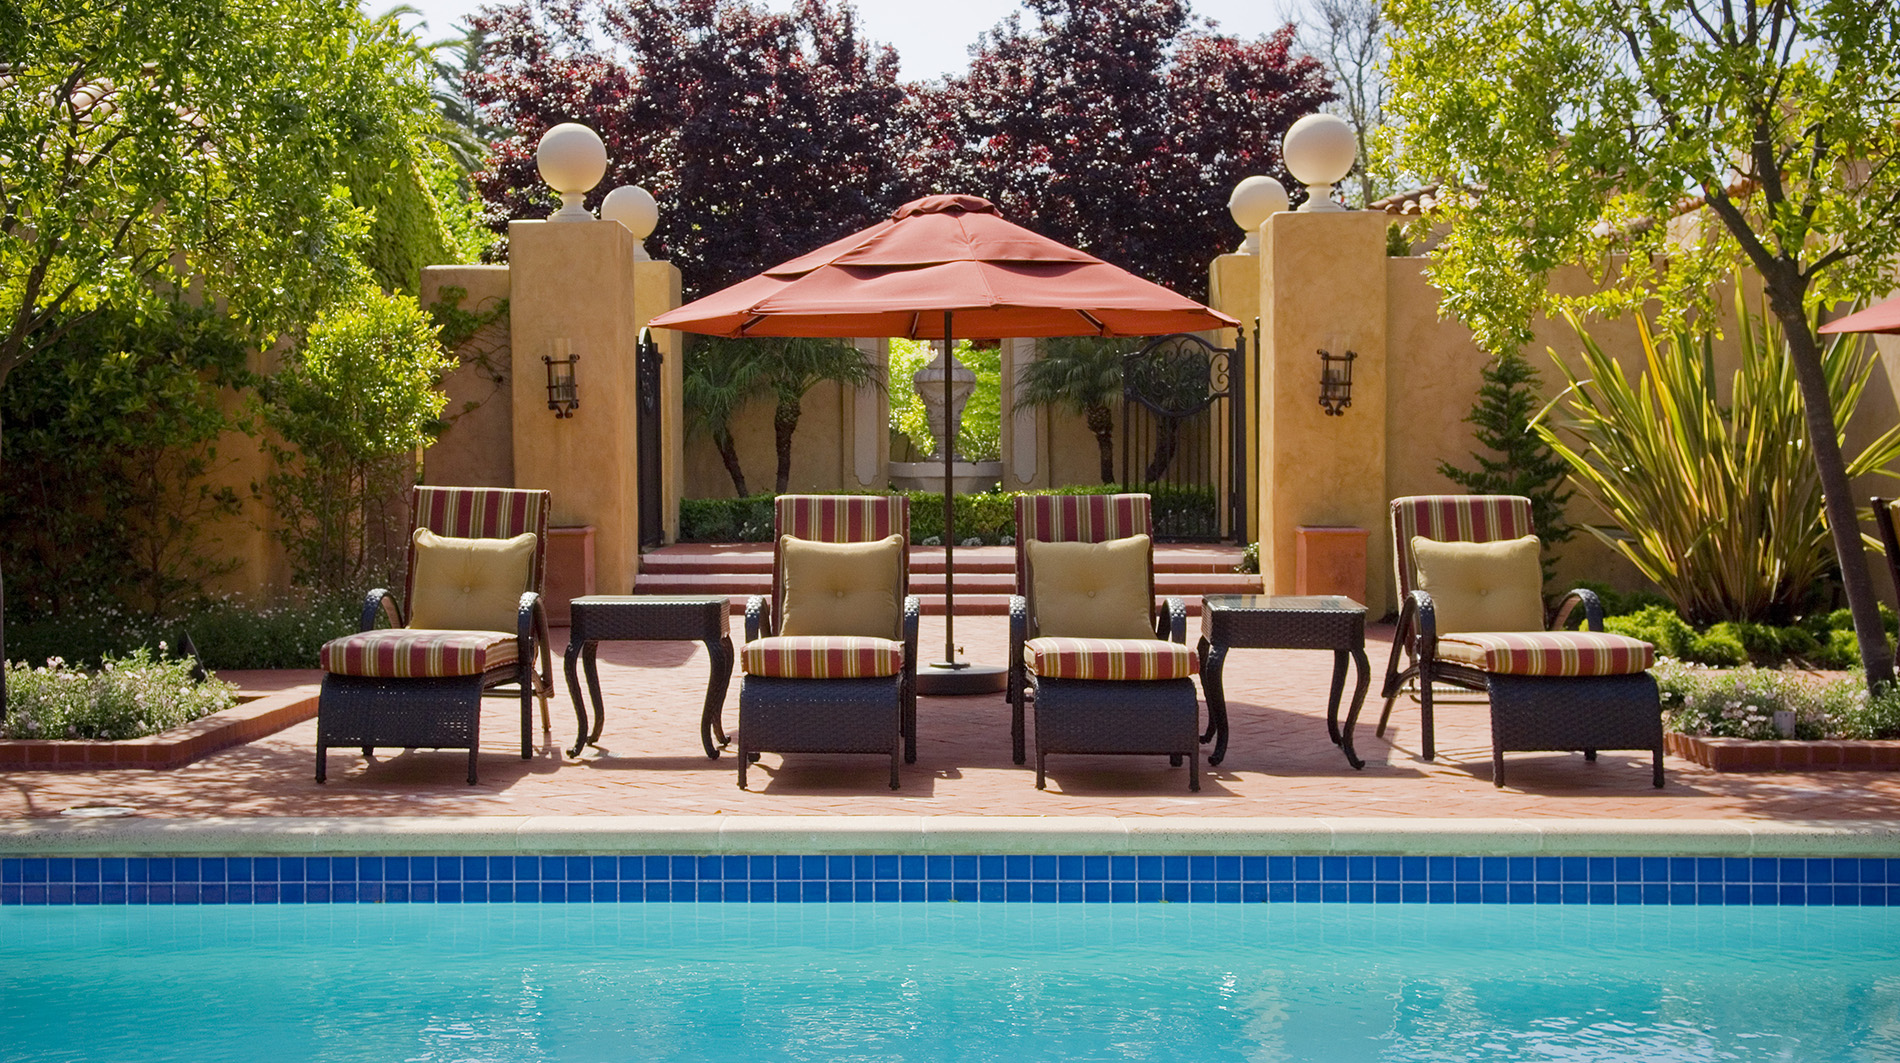 Property CasaPalermo Hotel PublicSpaces SwimmingPool PebbleBeachCompany